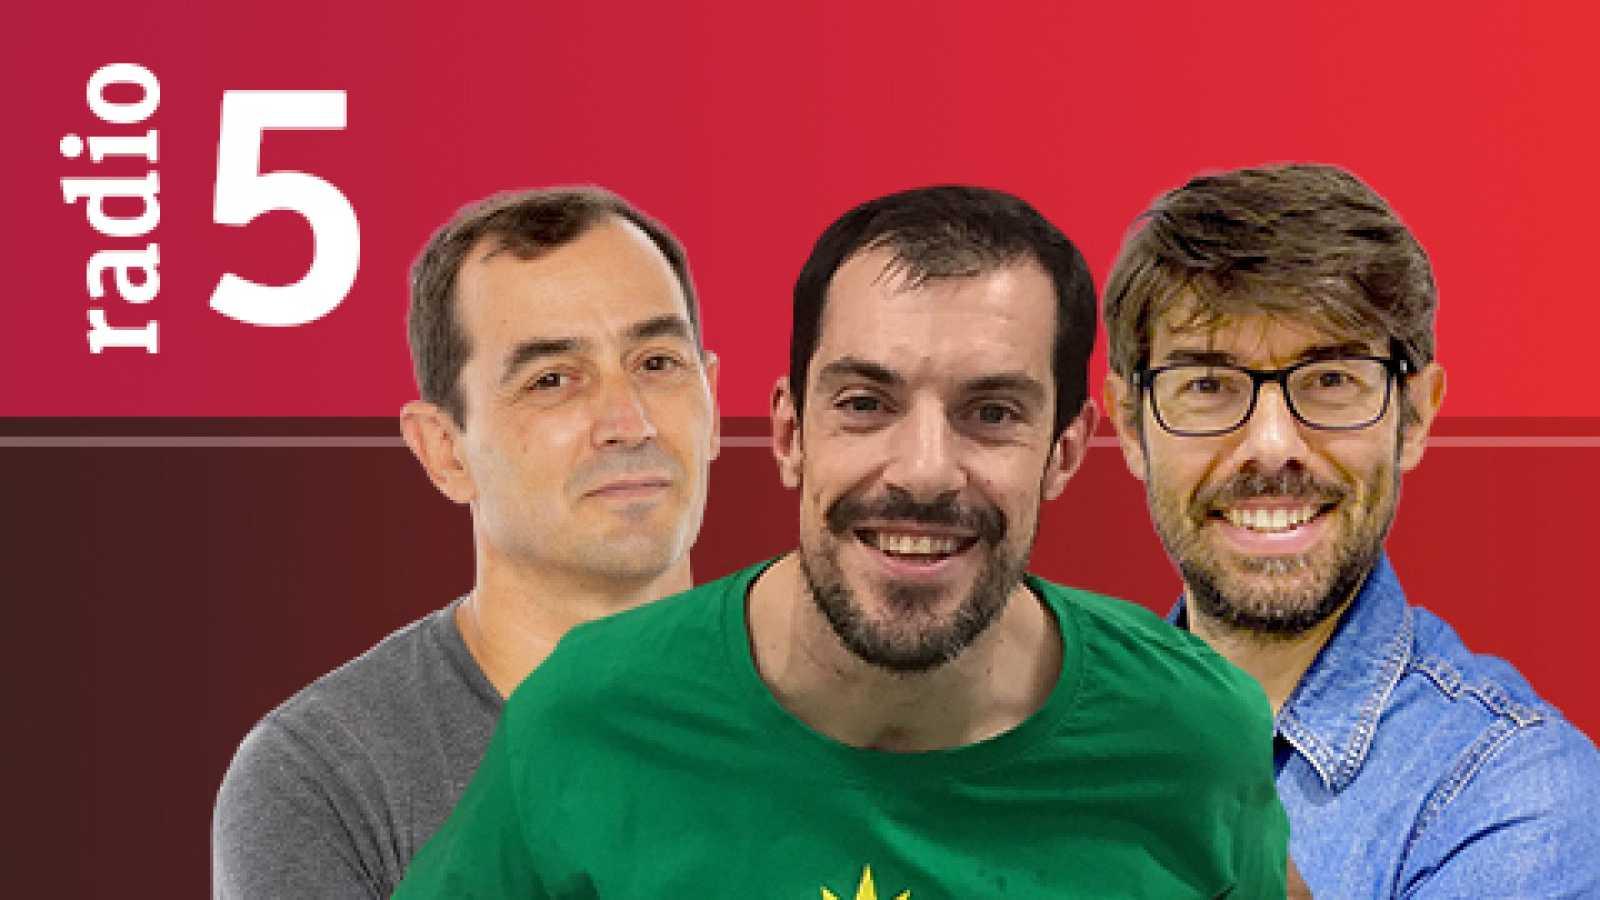 El Vestuario en Radio 5 - Final para el Madrid en una Champions en la que también juega el Atlético - Escuchar ahora